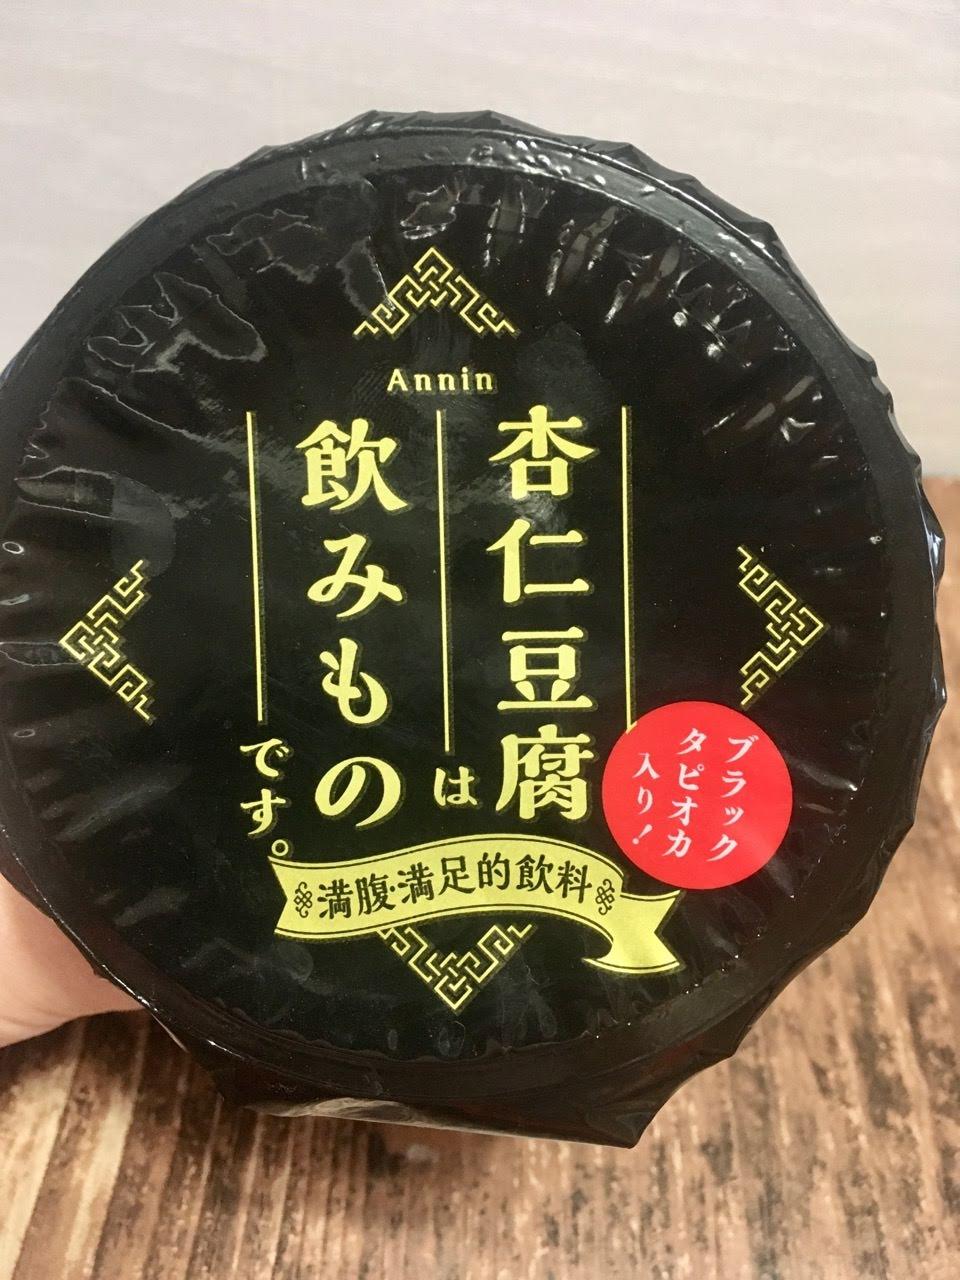 杏仁豆腐は飲み物です